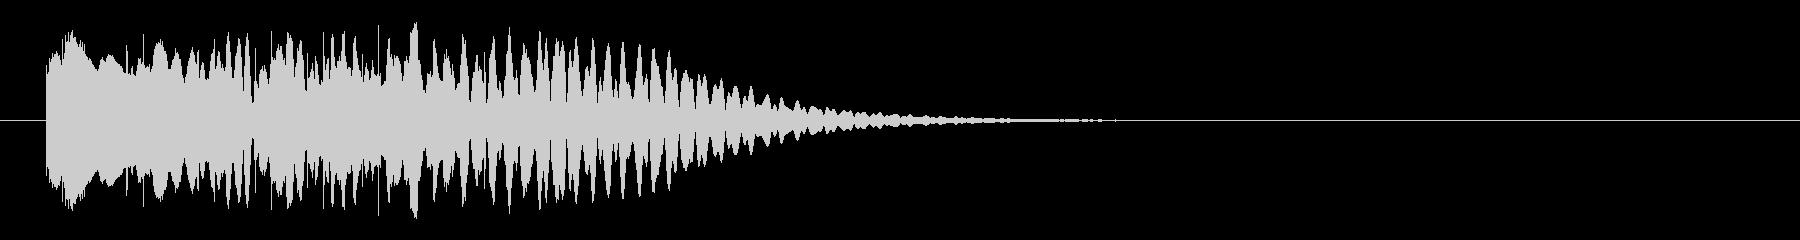 マリンバのグリッサンド(下行)の未再生の波形